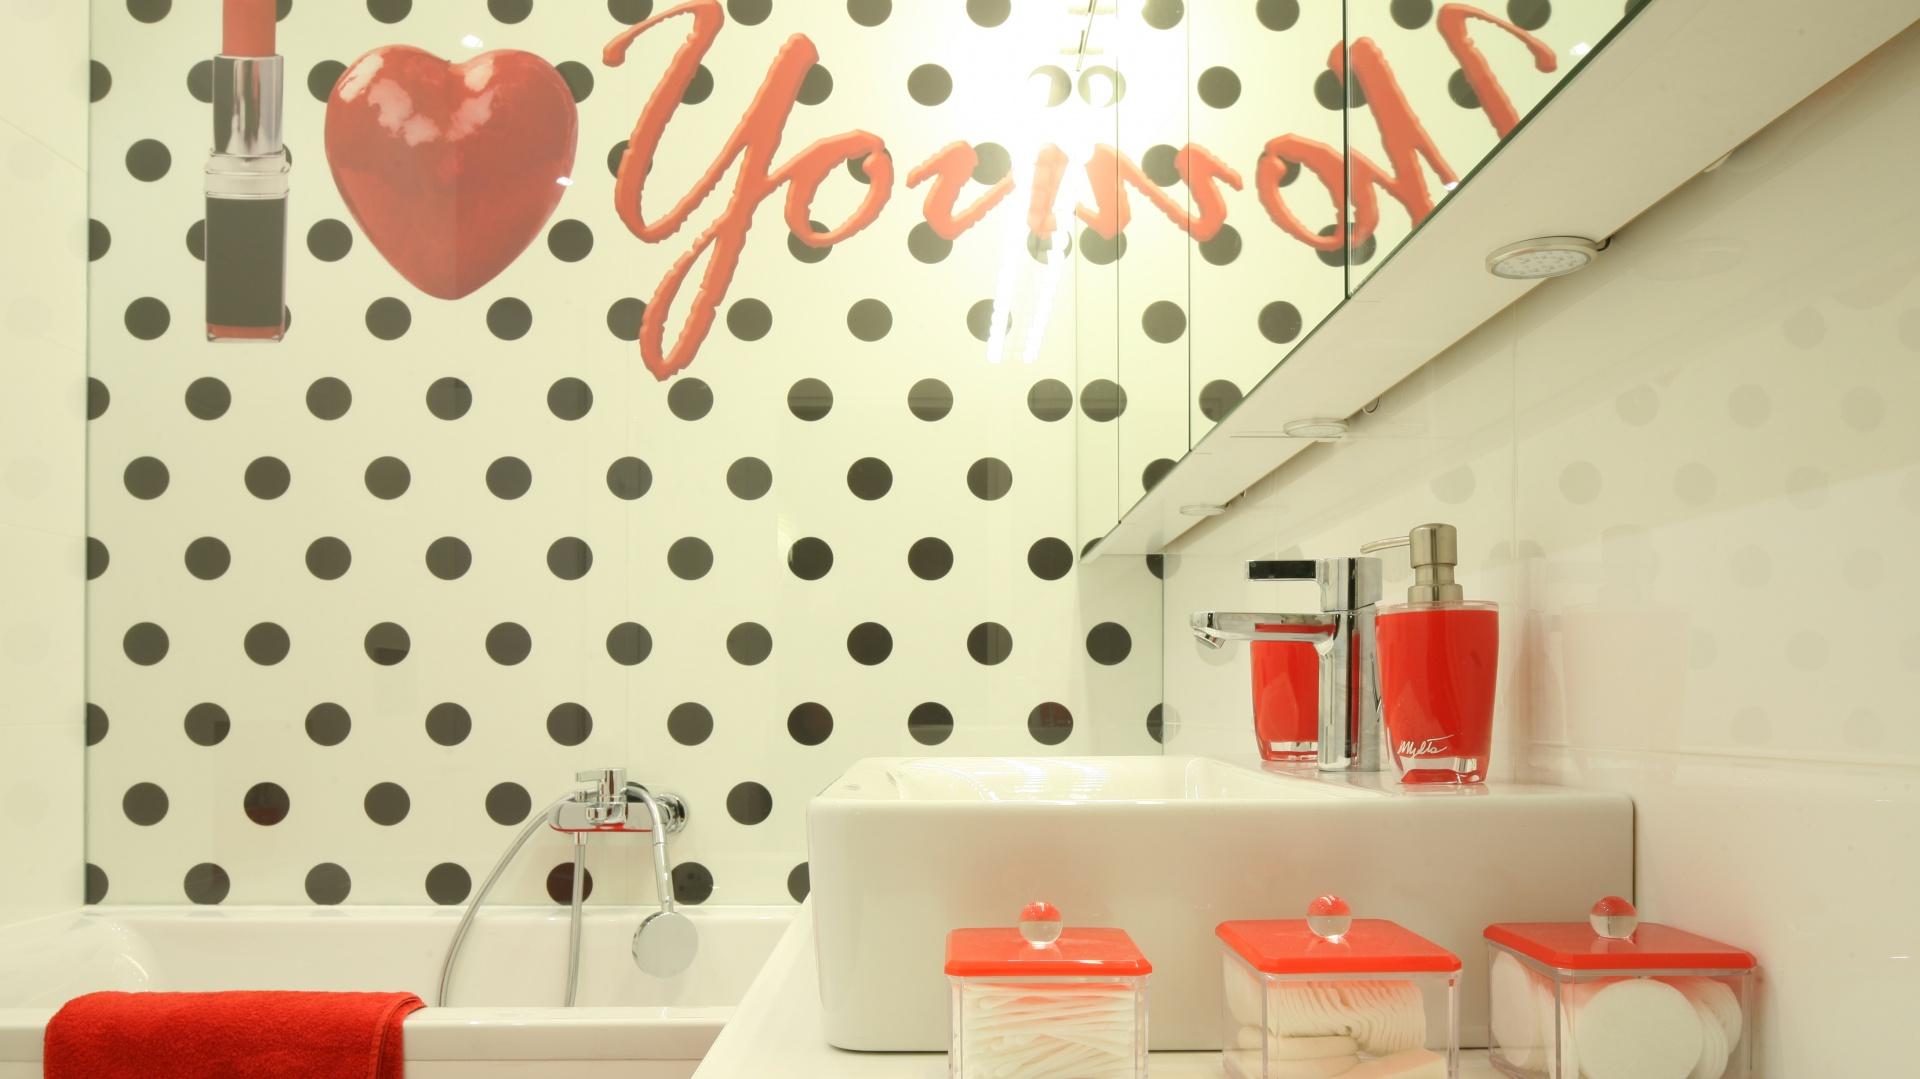 Chociaż na pierwszy rzut oka trudno w to uwierzyć w tej łazience dominuje biel. Jednak za sprawą czerwonych dodatków i efektownej fototapety nad wanna, która wprowadza nieco gwiazdorski klimat, to czerwień decyduje o klimacie i stylu wnętrza. Projekt: Katarzyna Mikulska-Sękalska. Fot. Bartosz Jarosz.